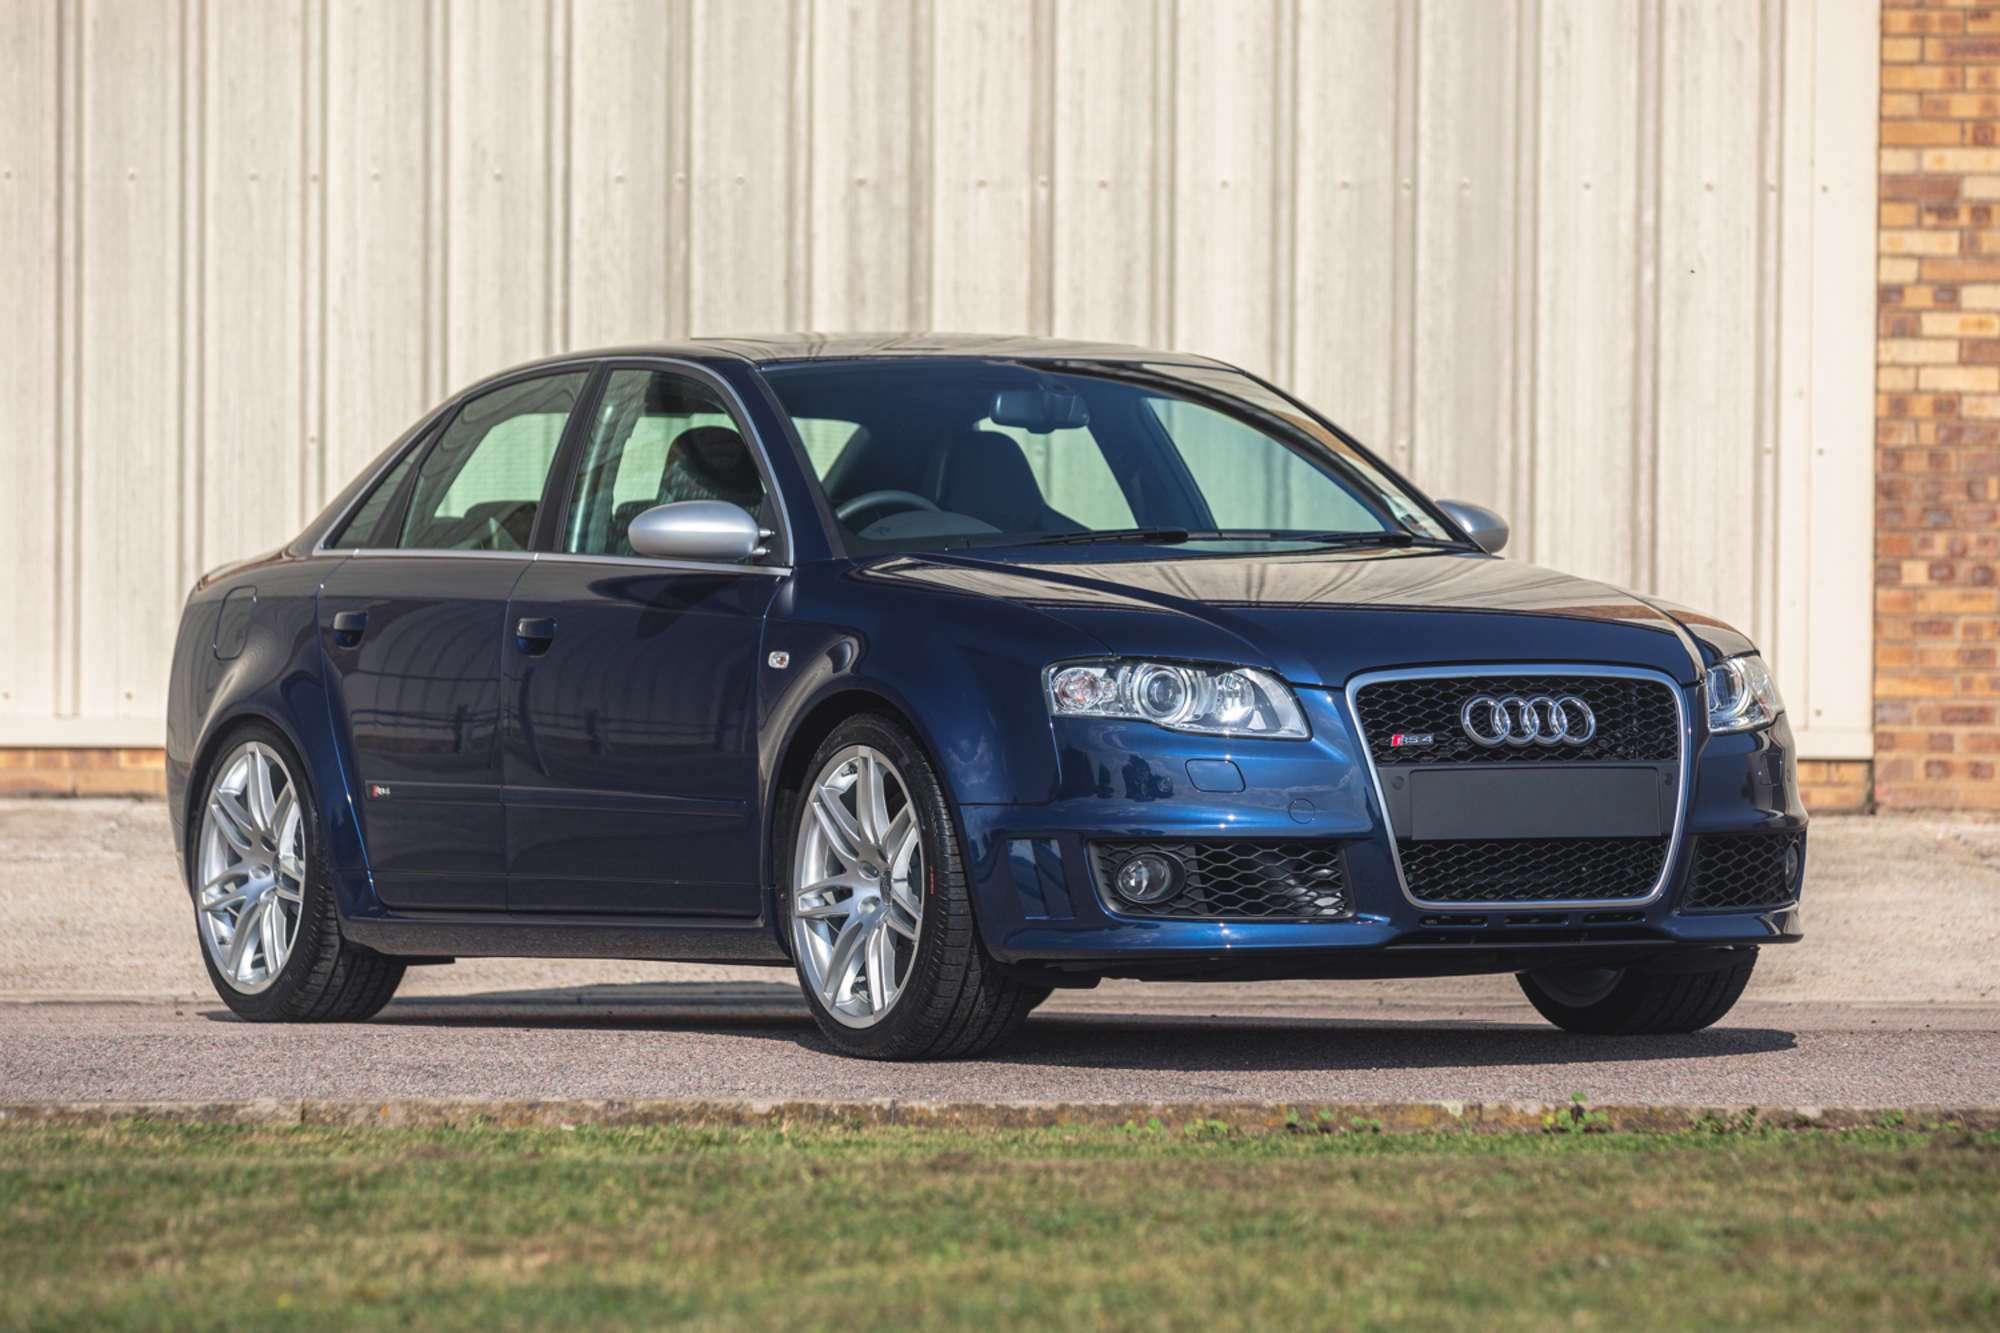 2007_Audi_RS4_B7_sale-0000